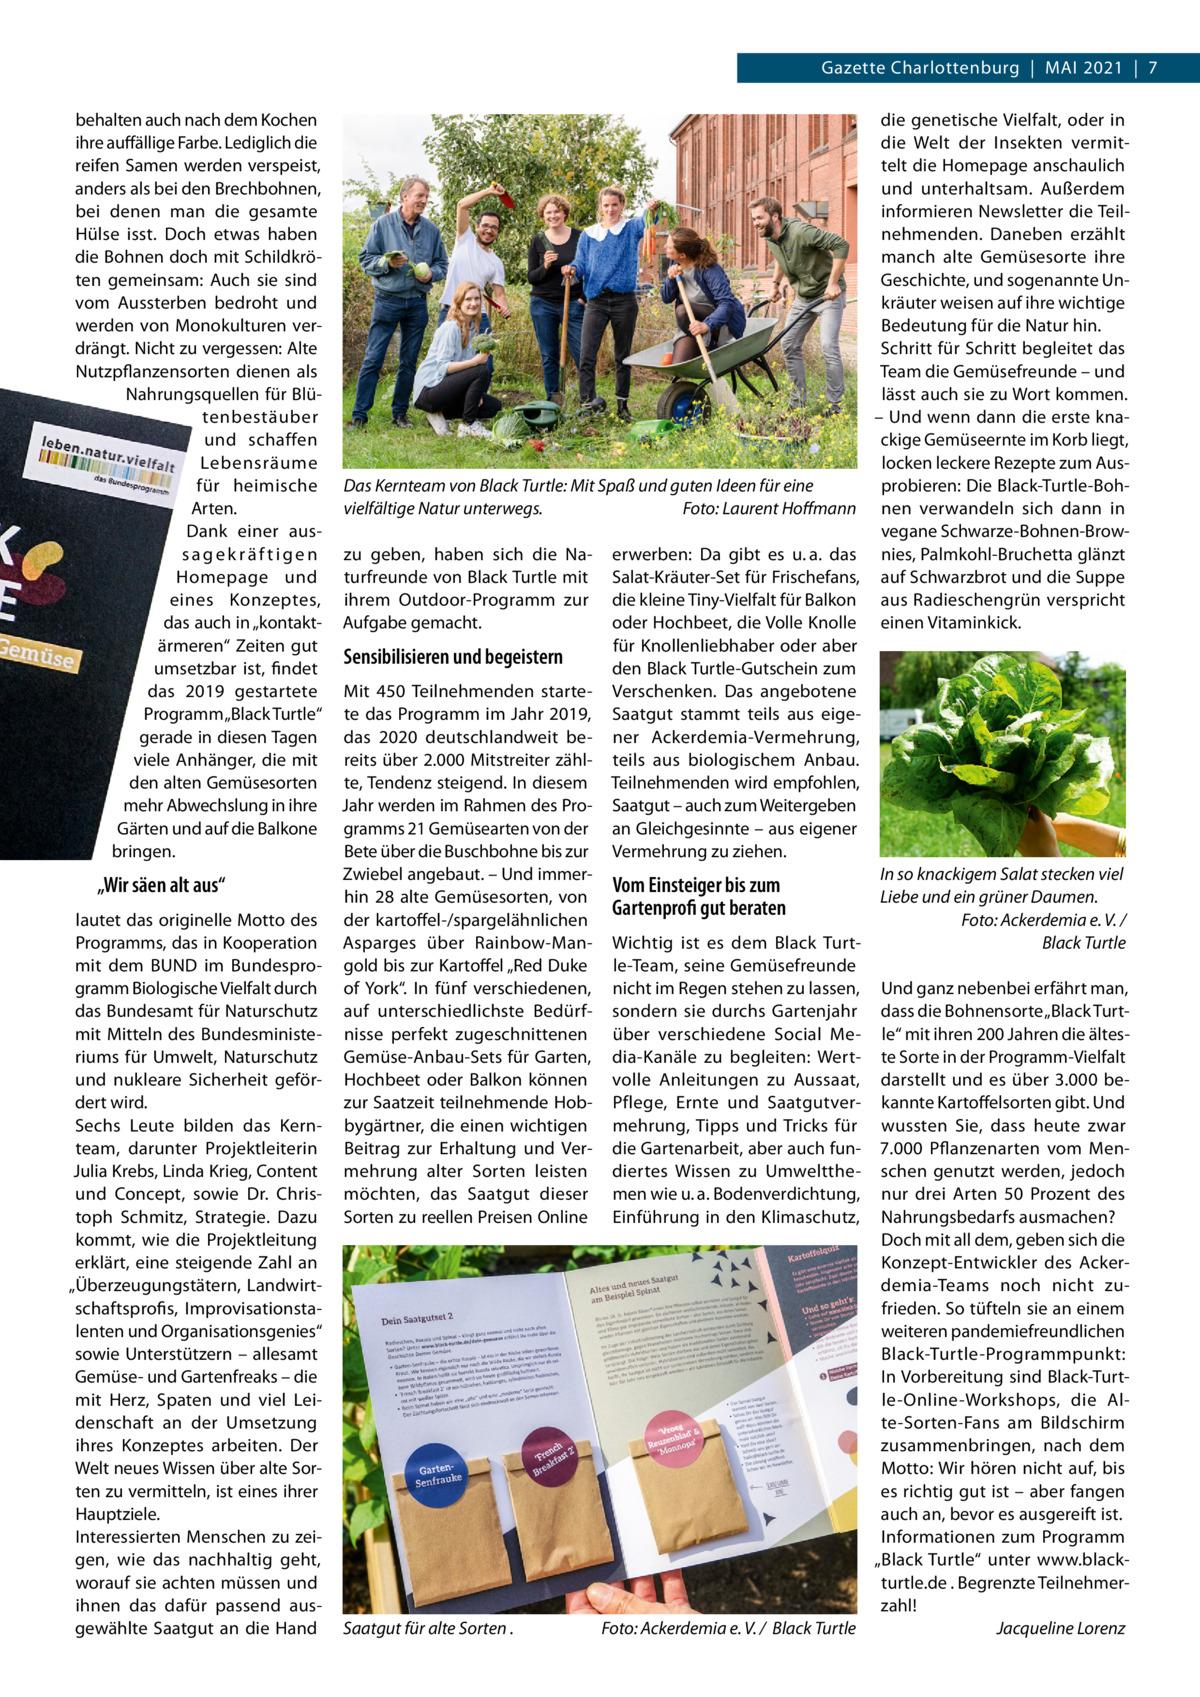 """Gazette Charlottenburg MAI 2021 7 behalten auch nach dem Kochen ihre auffällige Farbe. Lediglich die reifen Samen werden verspeist, anders als bei den Brechbohnen, bei denen man die gesamte Hülse isst. Doch etwas haben die Bohnen doch mit Schildkröten gemeinsam: Auch sie sind vom Aussterben bedroht und werden von Monokulturen verdrängt. Nicht zu vergessen: Alte Nutzpflanzensorten dienen als Nahrungsquellen für Blütenbestäuber und schaffen Lebensräume für heimische Arten. Dank einer aussagekräftigen Homepage und eines Konzeptes, das auch in """"kontaktärmeren"""" Zeiten gut umsetzbar ist, findet das 2019 gestartete Programm """"Black Turtle"""" gerade in diesen Tagen viele Anhänger, die mit den alten Gemüsesorten mehr Abwechslung in ihre Gärten und auf die Balkone bringen.  """"Wir säen alt aus"""" lautet das originelle Motto des Programms, das in Kooperation mit dem BUND im Bundesprogramm Biologische Vielfalt durch das Bundesamt für Naturschutz mit Mitteln des Bundesministeriums für Umwelt, Naturschutz und nukleare Sicherheit gefördert wird. Sechs Leute bilden das Kernteam, darunter Projektleiterin Julia Krebs, Linda Krieg, Content und Concept, sowie Dr. Christoph Schmitz, Strategie. Dazu kommt, wie die Projektleitung erklärt, eine steigende Zahl an """"Überzeugungstätern, Landwirtschaftsprofis, Improvisationstalenten und Organisationsgenies"""" sowie Unterstützern – allesamt Gemüse- und Gartenfreaks – die mit Herz, Spaten und viel Leidenschaft an der Umsetzung ihres Konzeptes arbeiten. Der Welt neues Wissen über alte Sorten zu vermitteln, ist eines ihrer Hauptziele. Interessierten Menschen zu zeigen, wie das nachhaltig geht, worauf sie achten müssen und ihnen das dafür passend ausgewählte Saatgut an die Hand  Das Kernteam von Black Turtle: Mit Spaß und guten Ideen für eine vielfältige Natur unterwegs. Foto: Laurent Hoffmann zu geben, haben sich die Naturfreunde von Black Turtle mit ihrem Outdoor-Programm zur Aufgabe gemacht.  Sensibilisieren und begeistern Mit 450 Teilnehmenden startete d"""